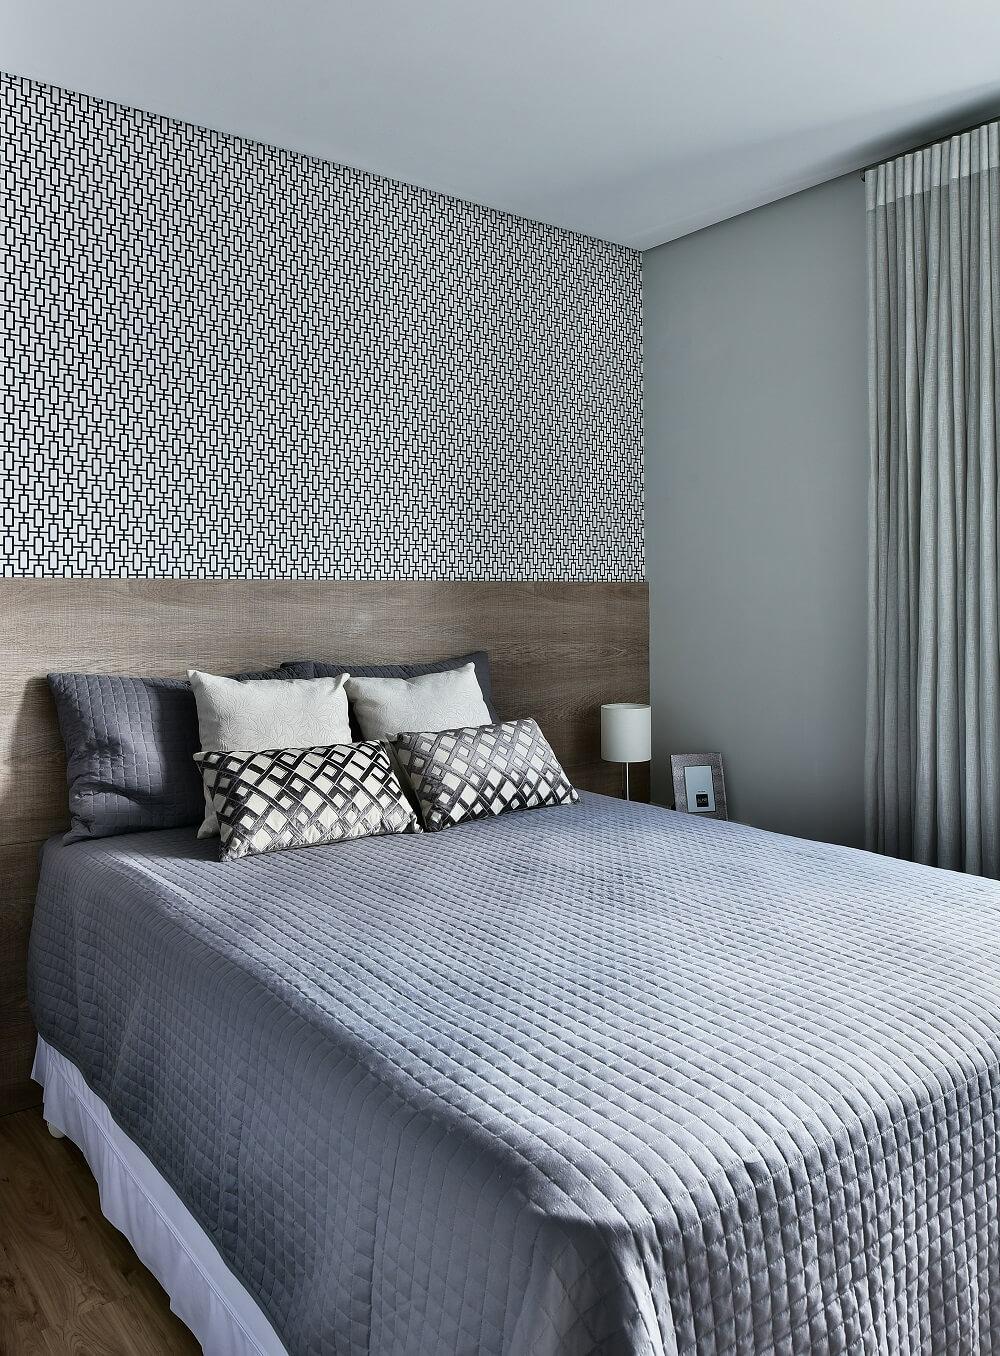 Le rideau en tissu gris clair permet une entrée partielle de la lumière naturelle dans la suite.  Photo: Poupée Sidney